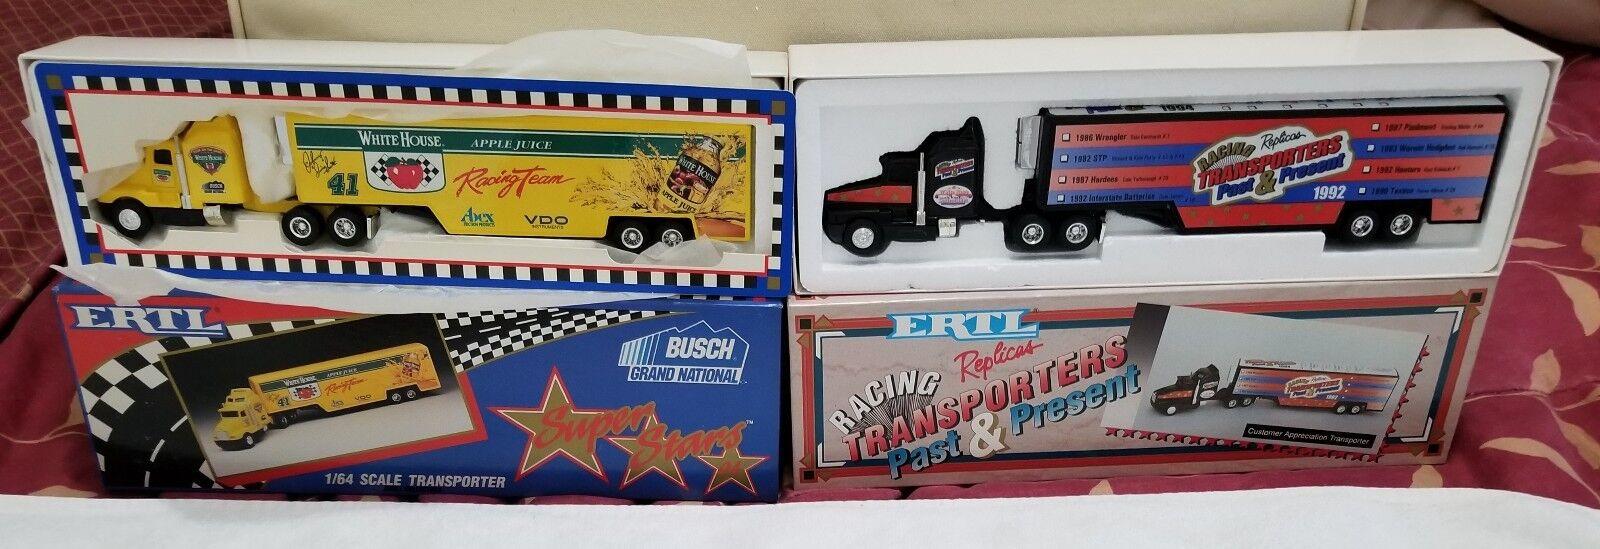 (2) ERTL échelle 1 64 transporteurs Busch  Past & Present Limited Edition Neuf dans sa boîte  100% de contre-garantie authentique